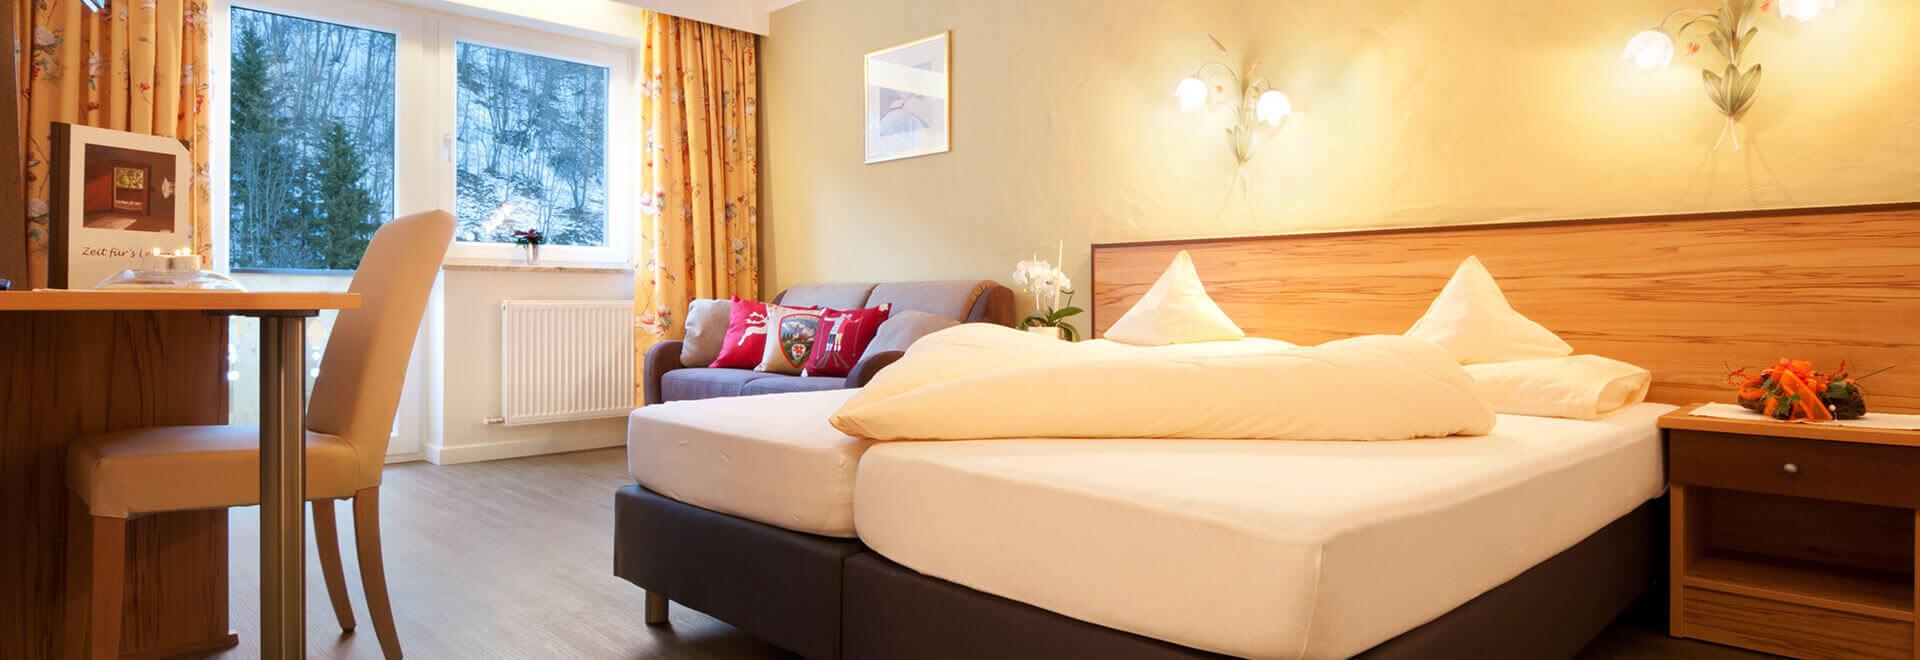 Zimmer im Hotel Schachner